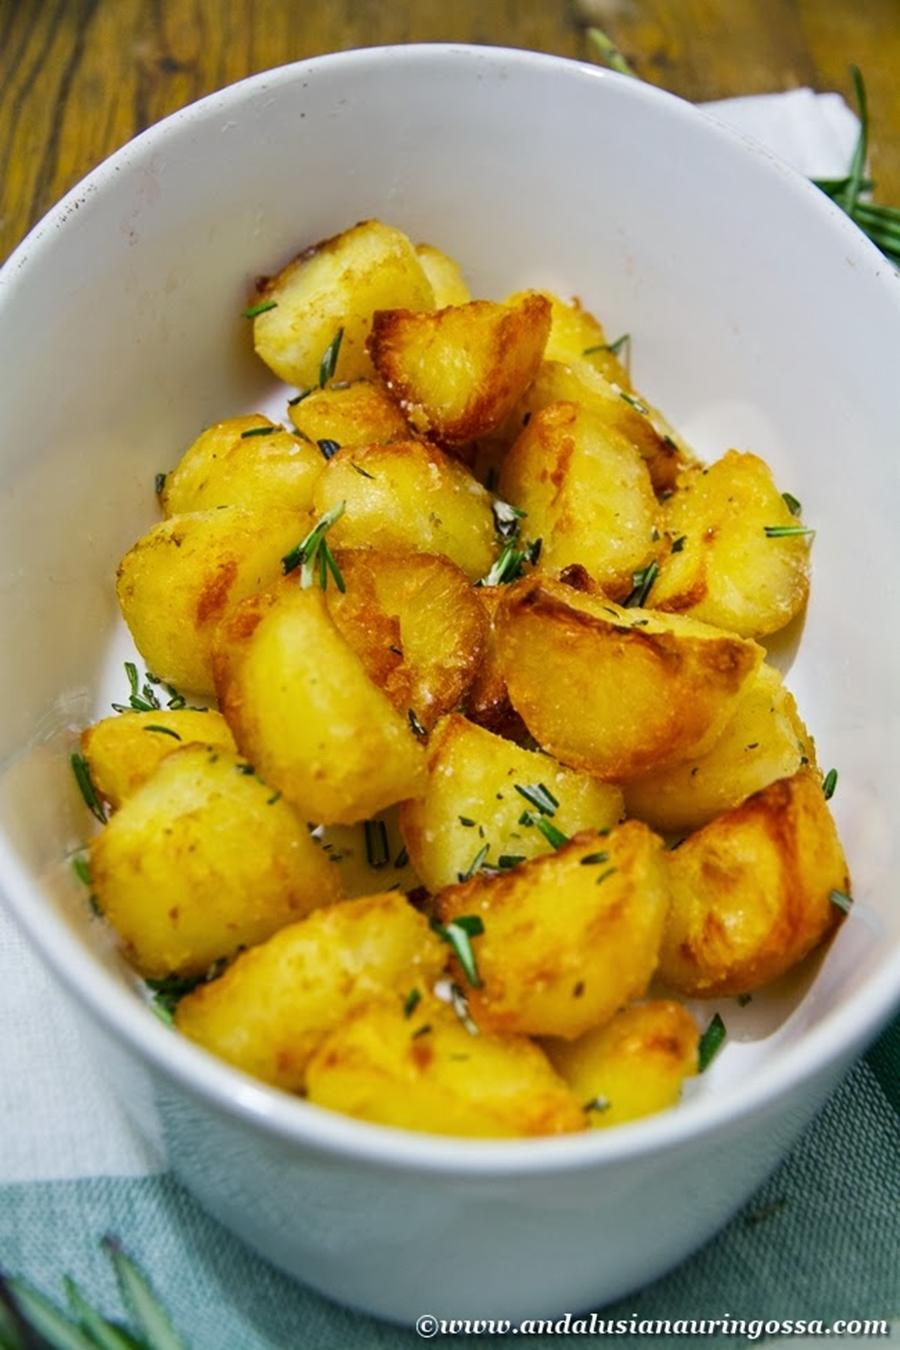 Andalusian auringossa_perunareseptejä ympäri maailman_proper roasties_gluteeniton